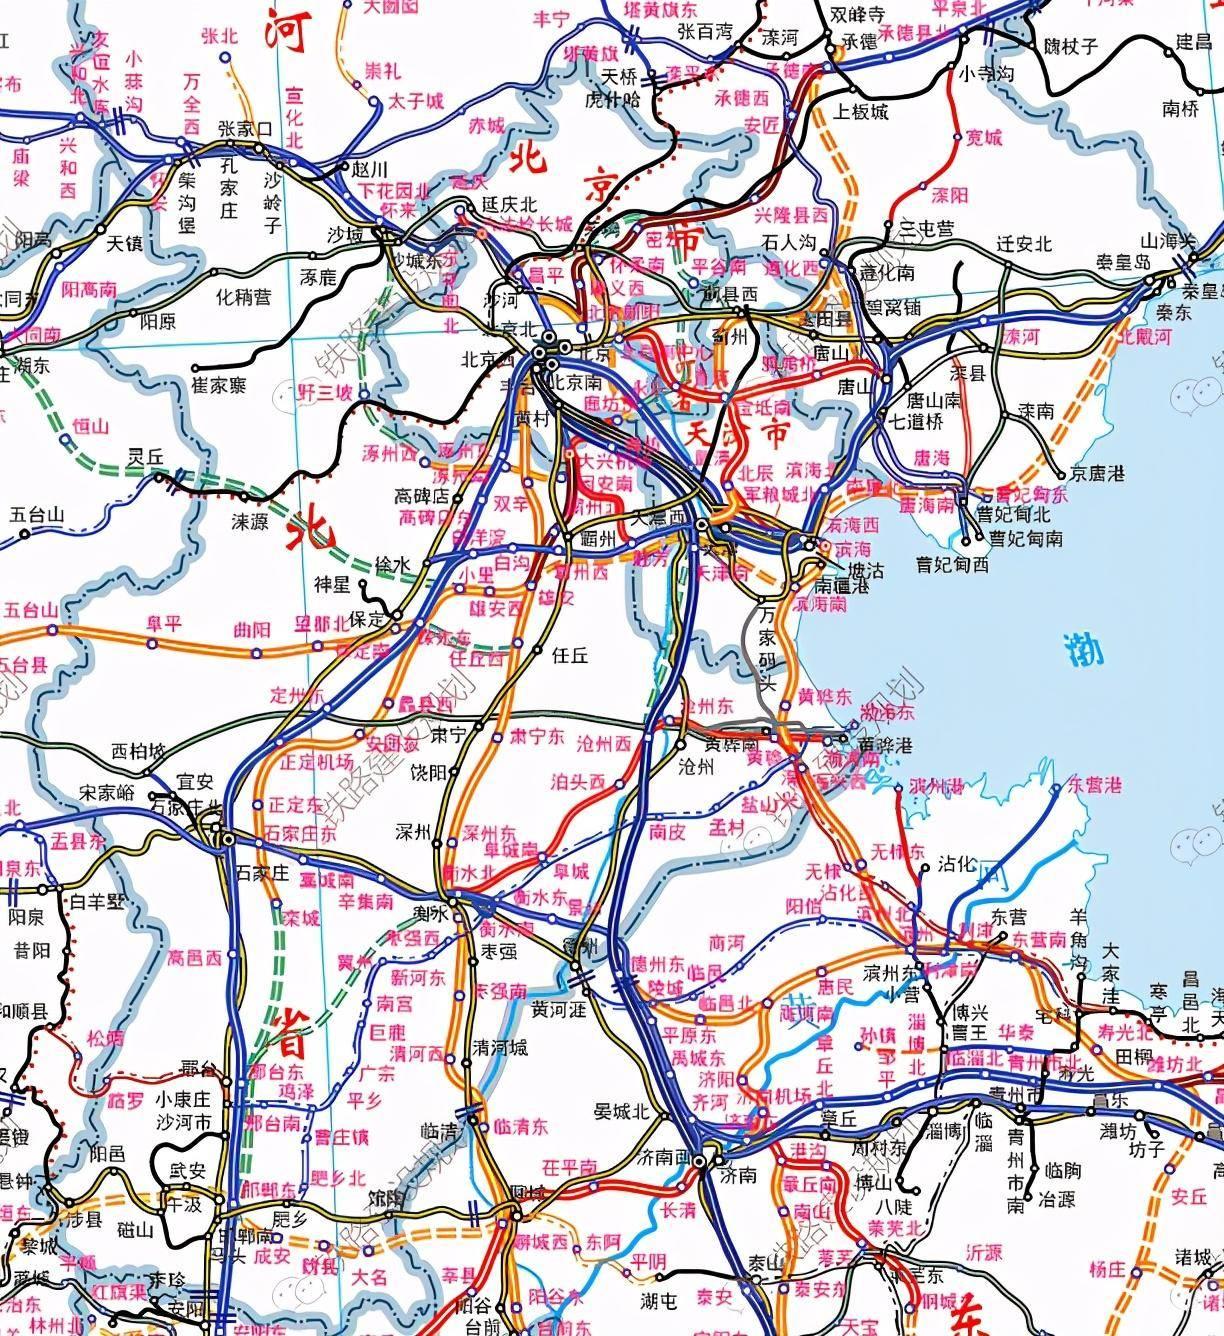 2020版京津冀铁路规划图 石家庄依旧,滨海雄安衡水成枢纽